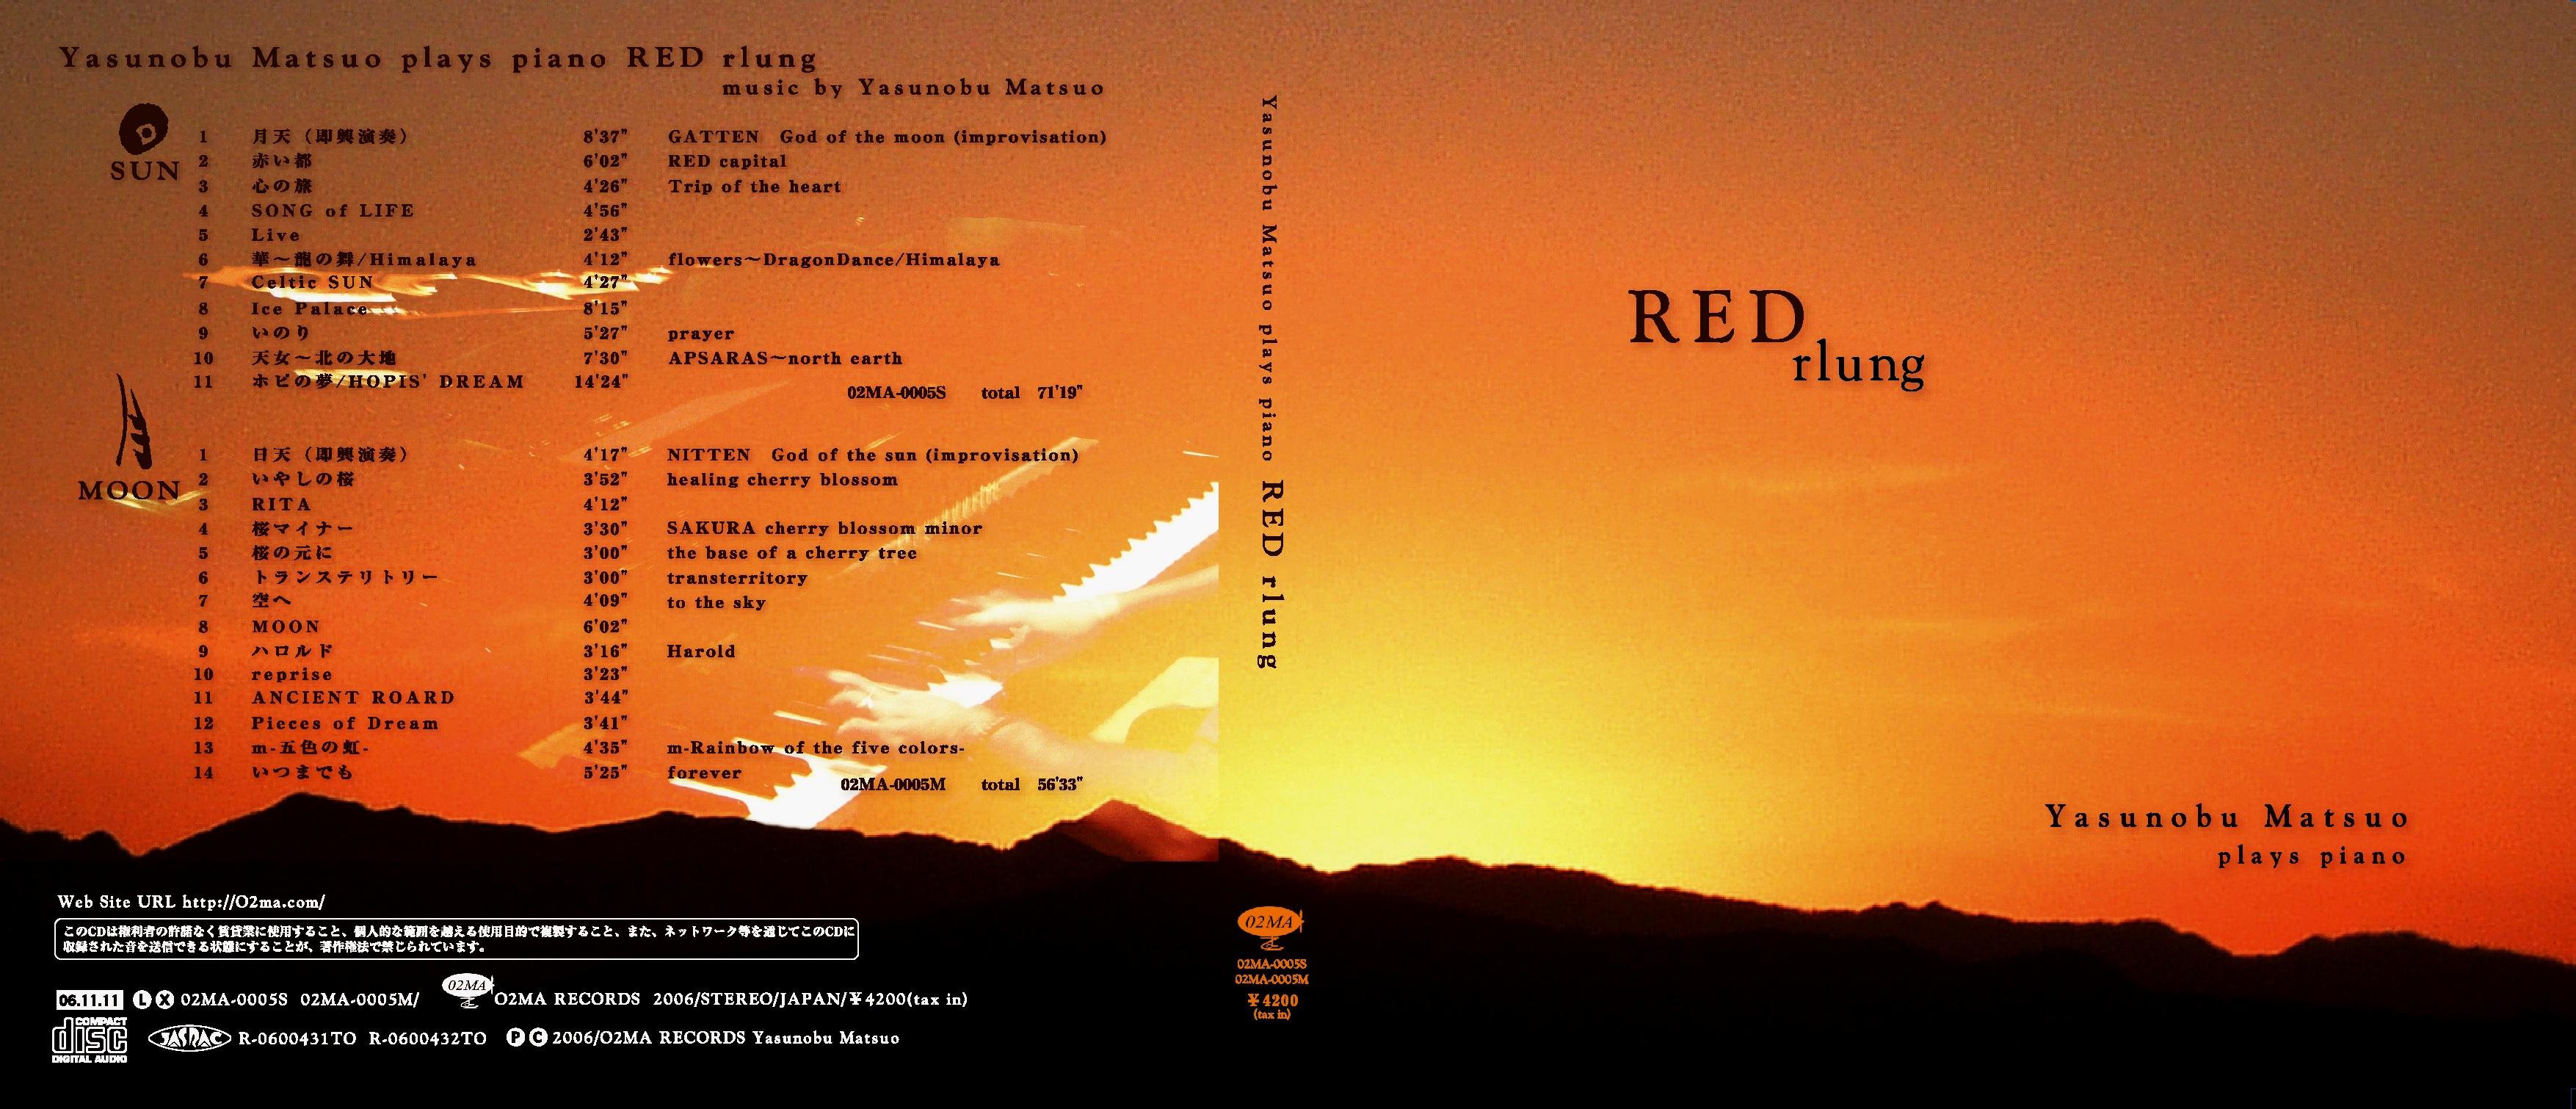 感じるCD「RED rlung 」 Yasunobu Matsuo ベーゼンドルファー ピアノソロアルバム 二枚組